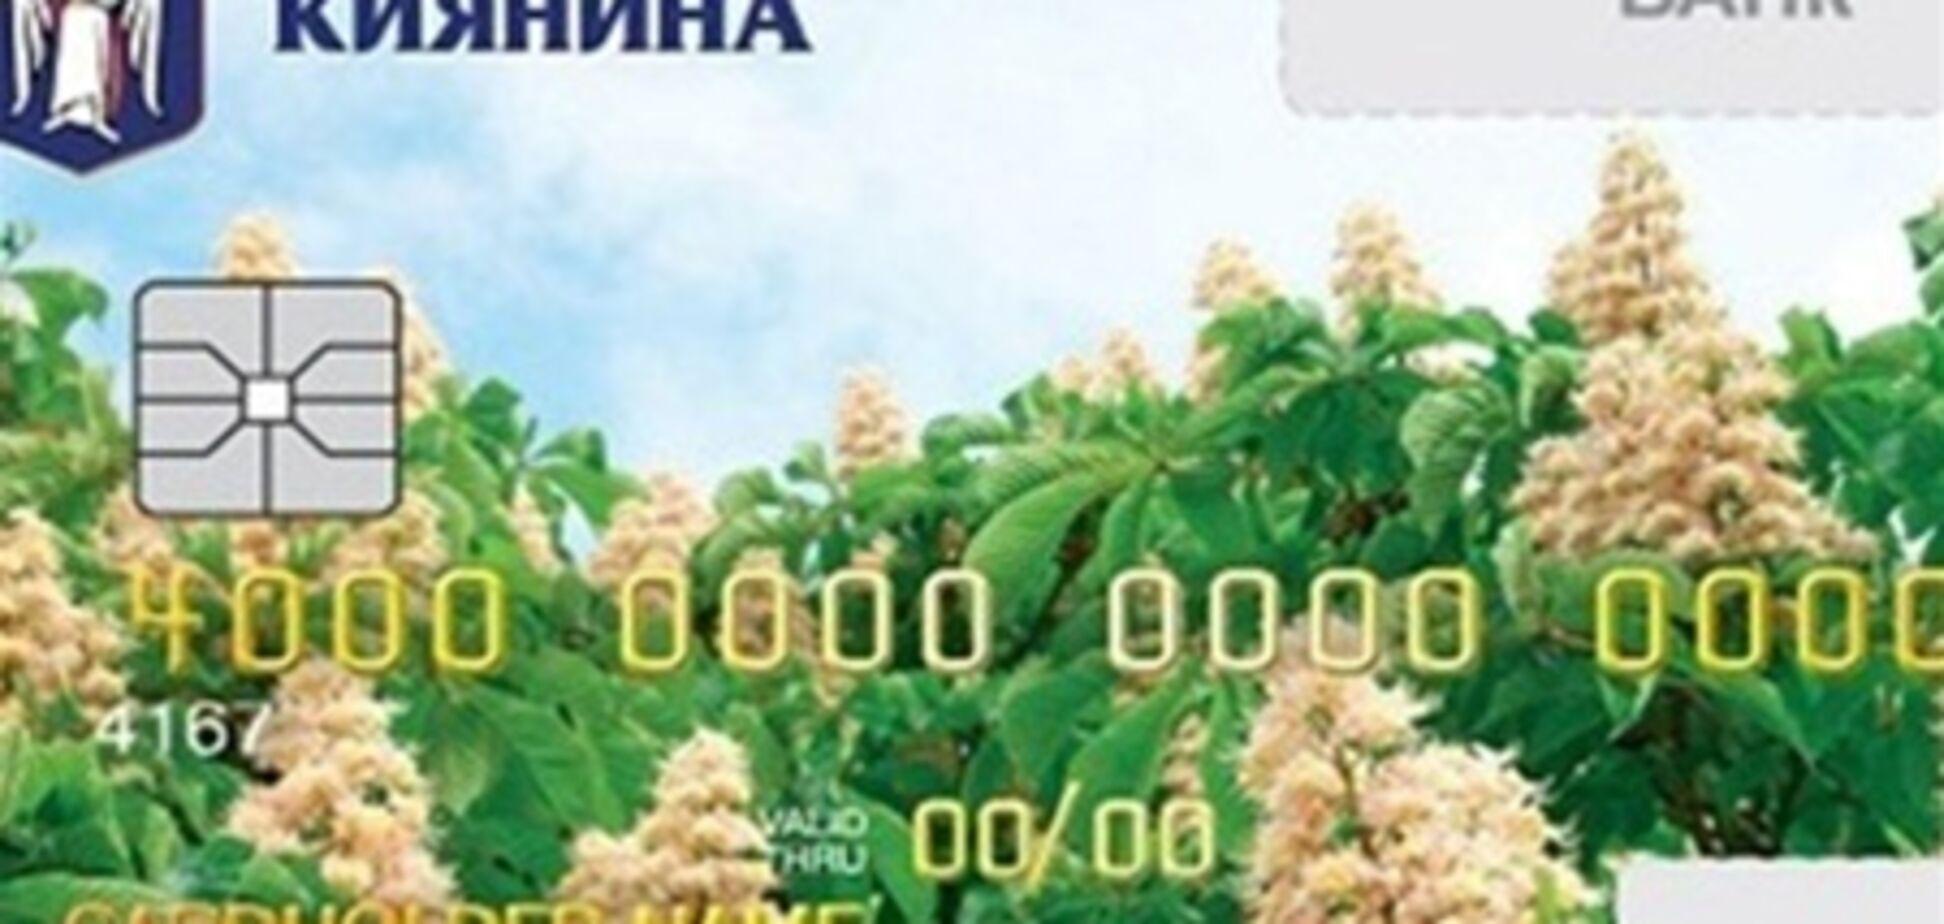 'Карточка киевлянина' позволит власти не тратить лишних денег